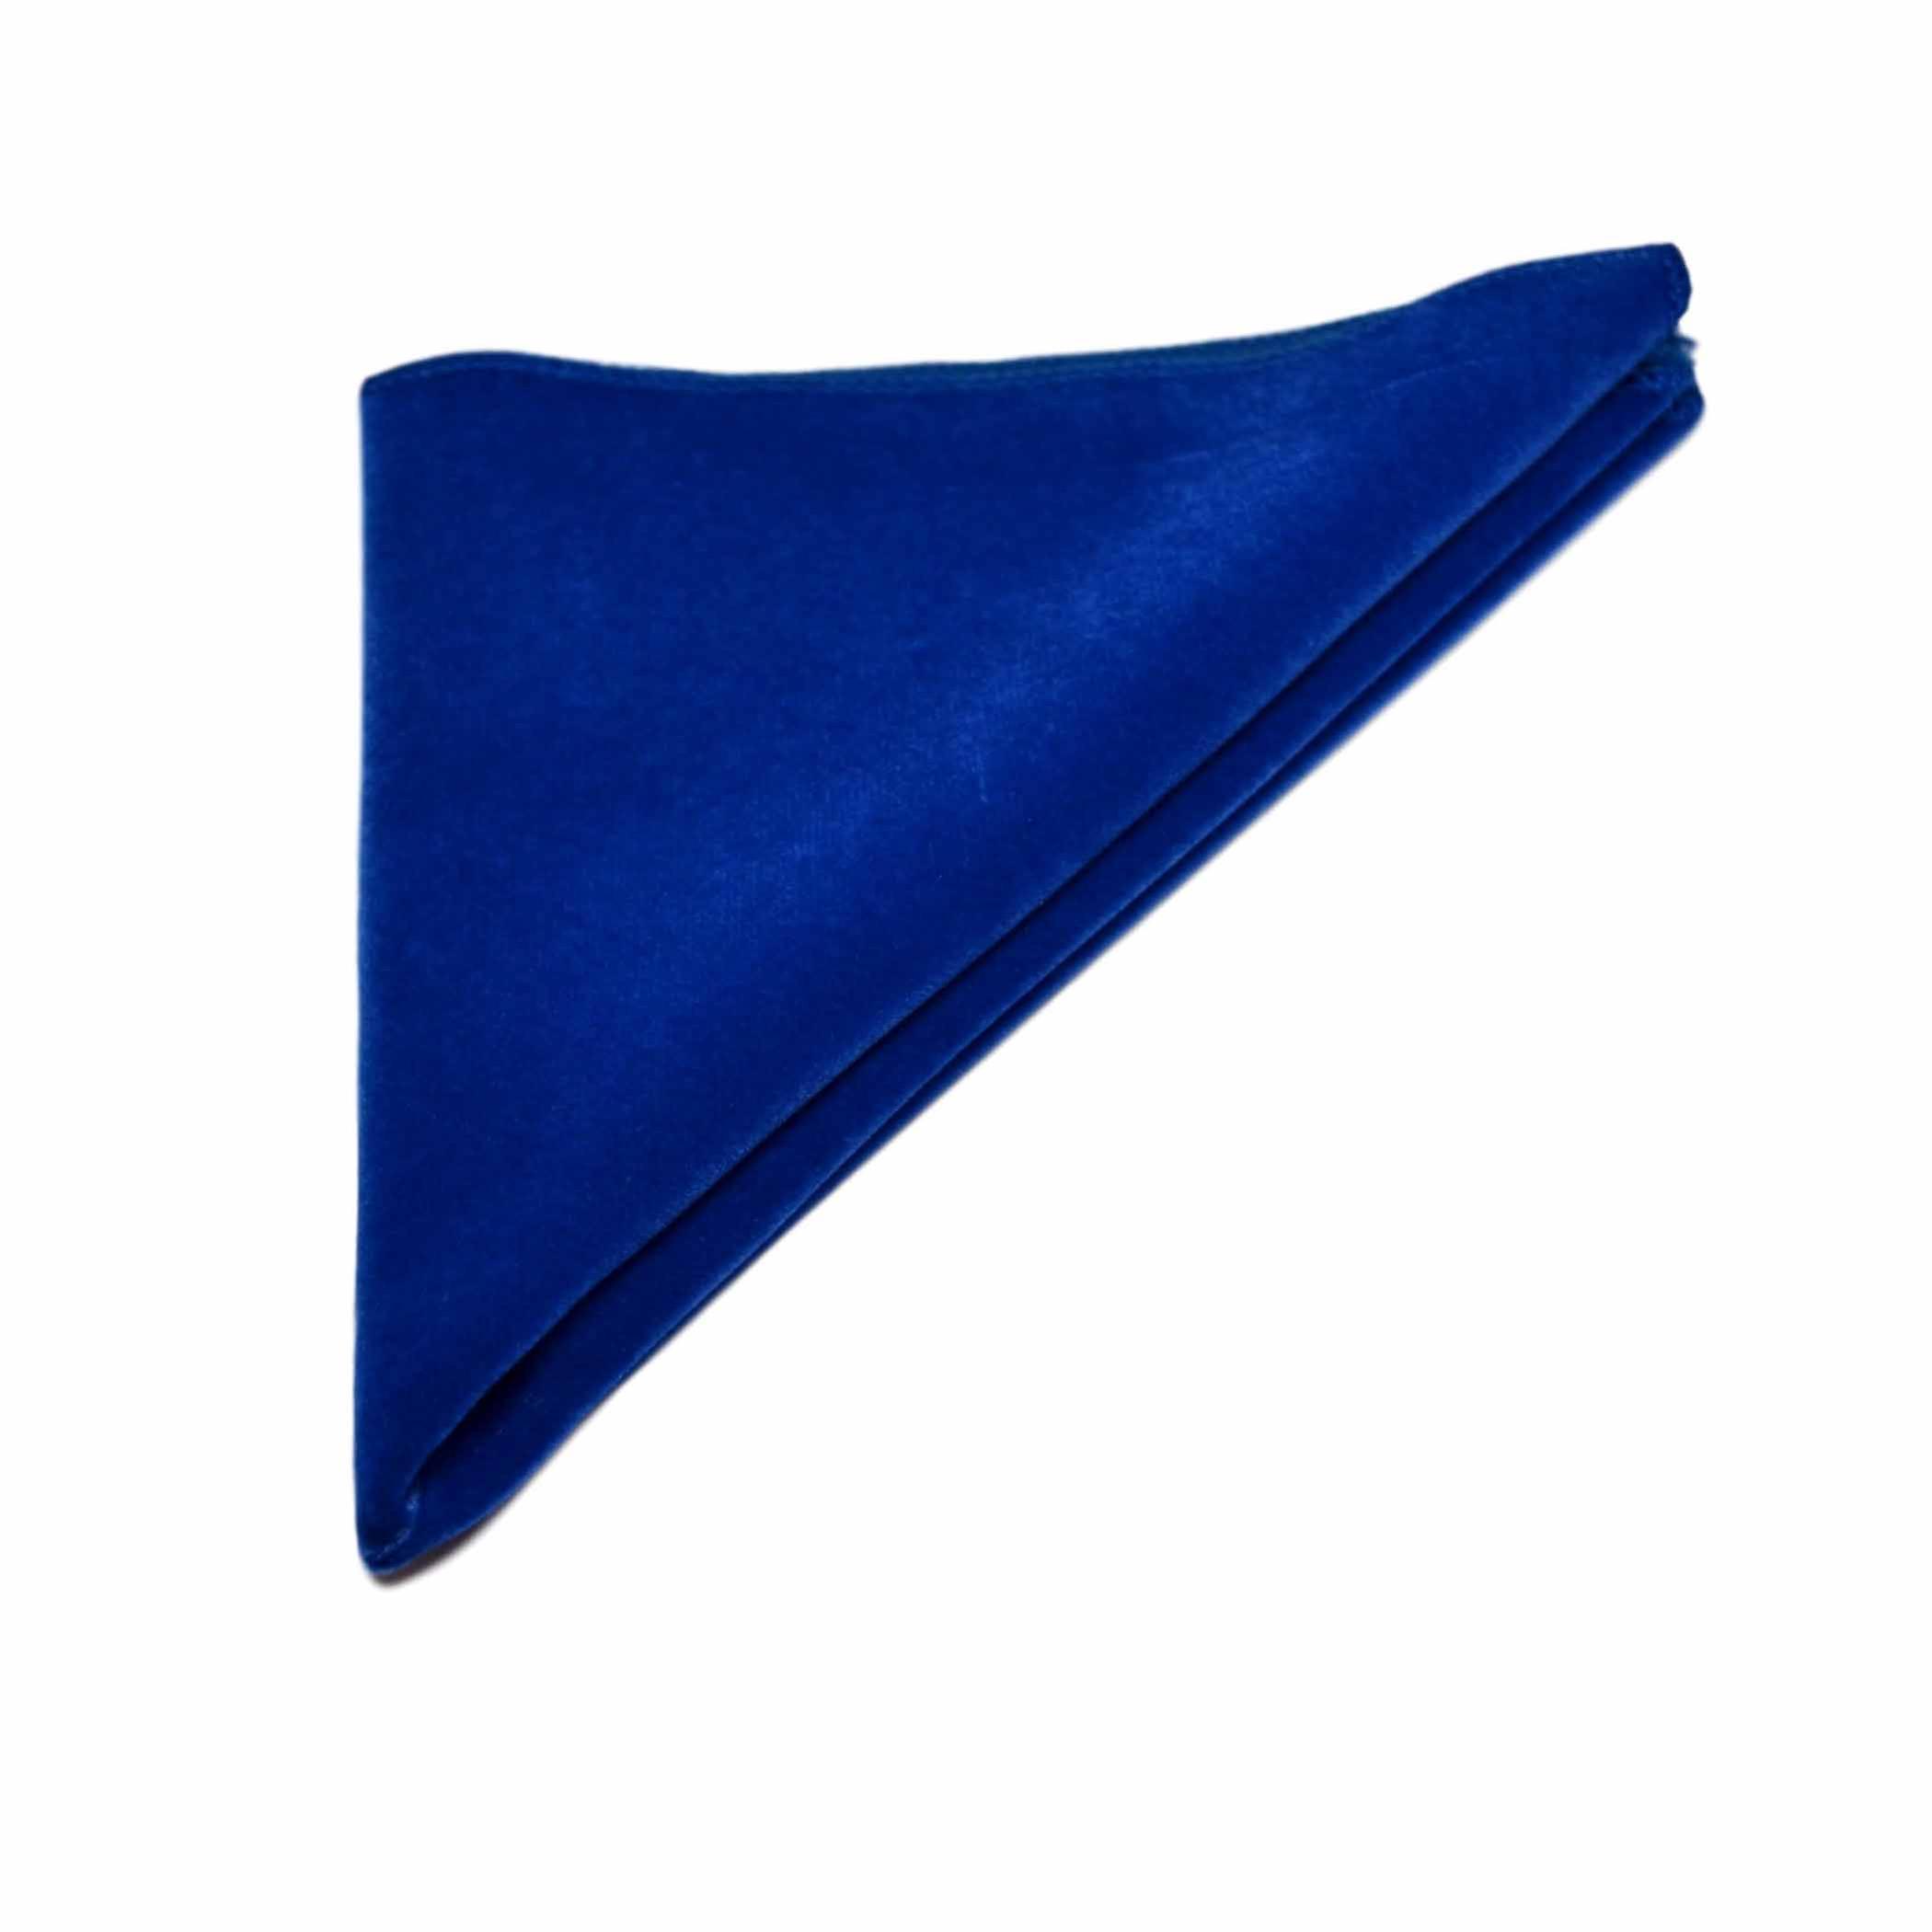 Royal Blue Velvet Bow Tie & Pocket Square Set